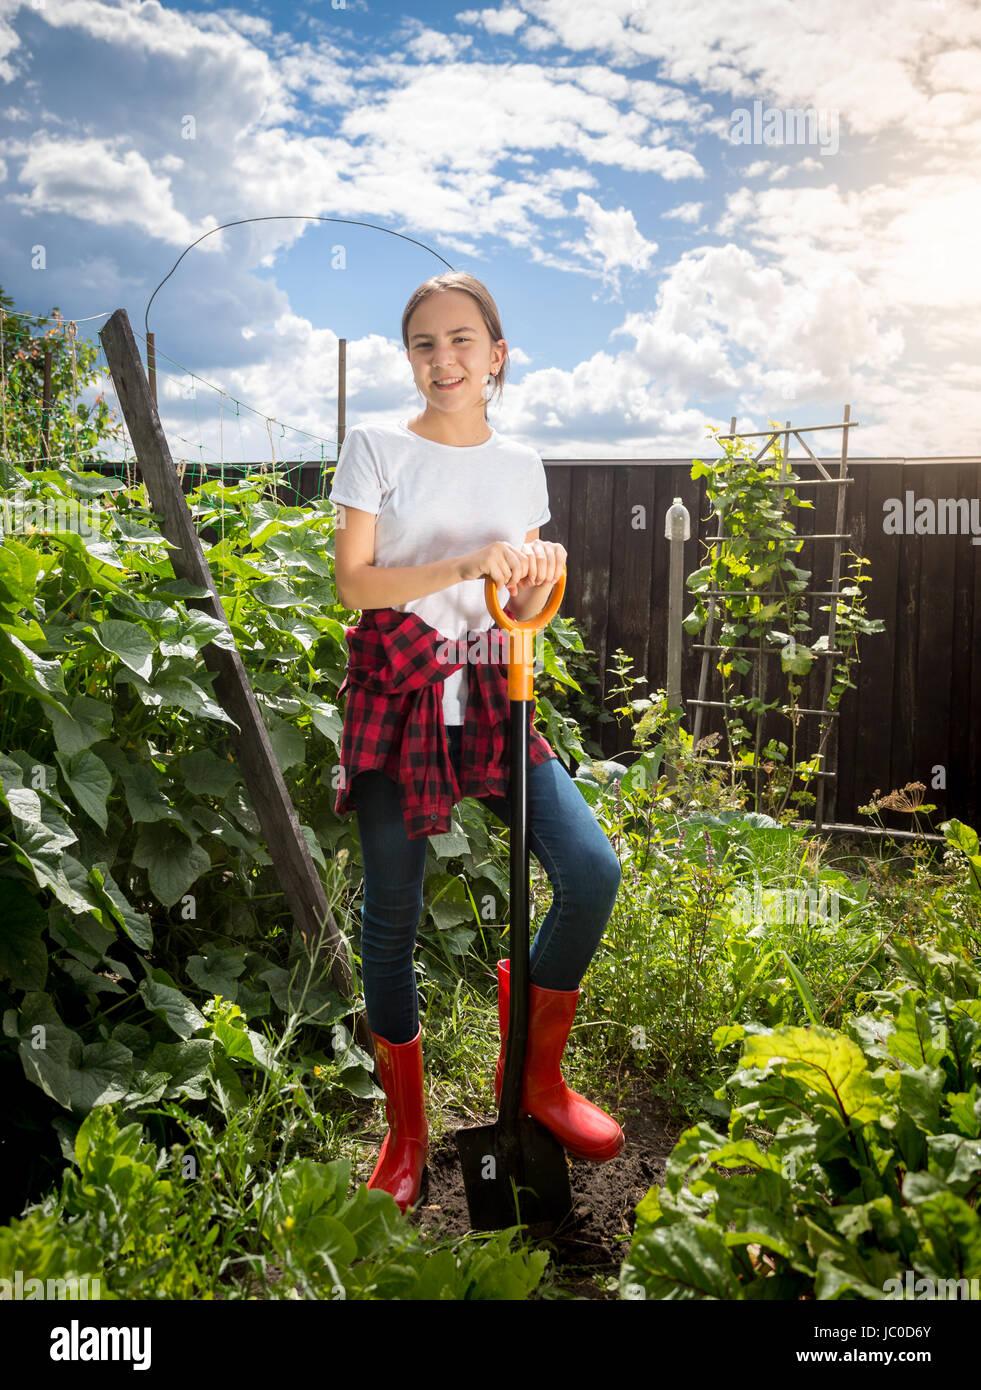 Gummistiefel Schöne Frauen Garten Arbeiten Junge Im In doCrxBe